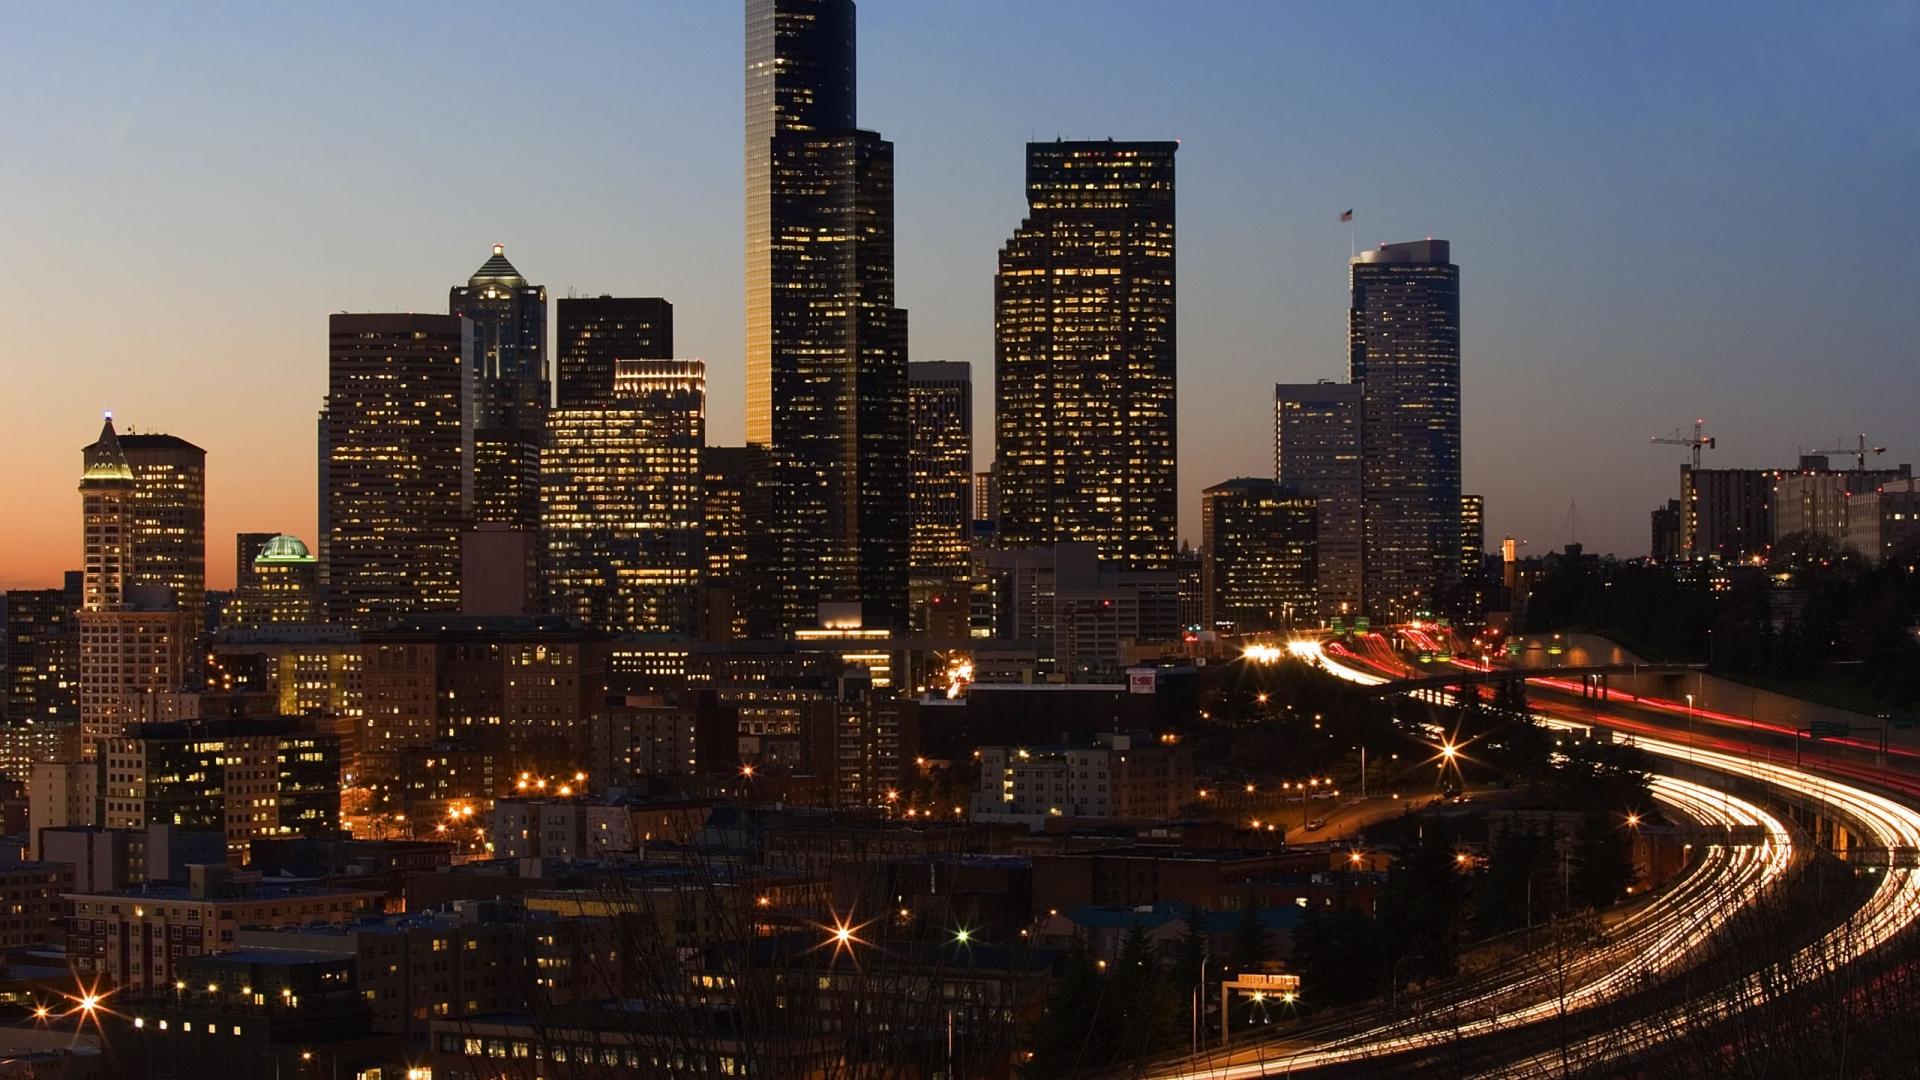 City skyscraper wallpaper